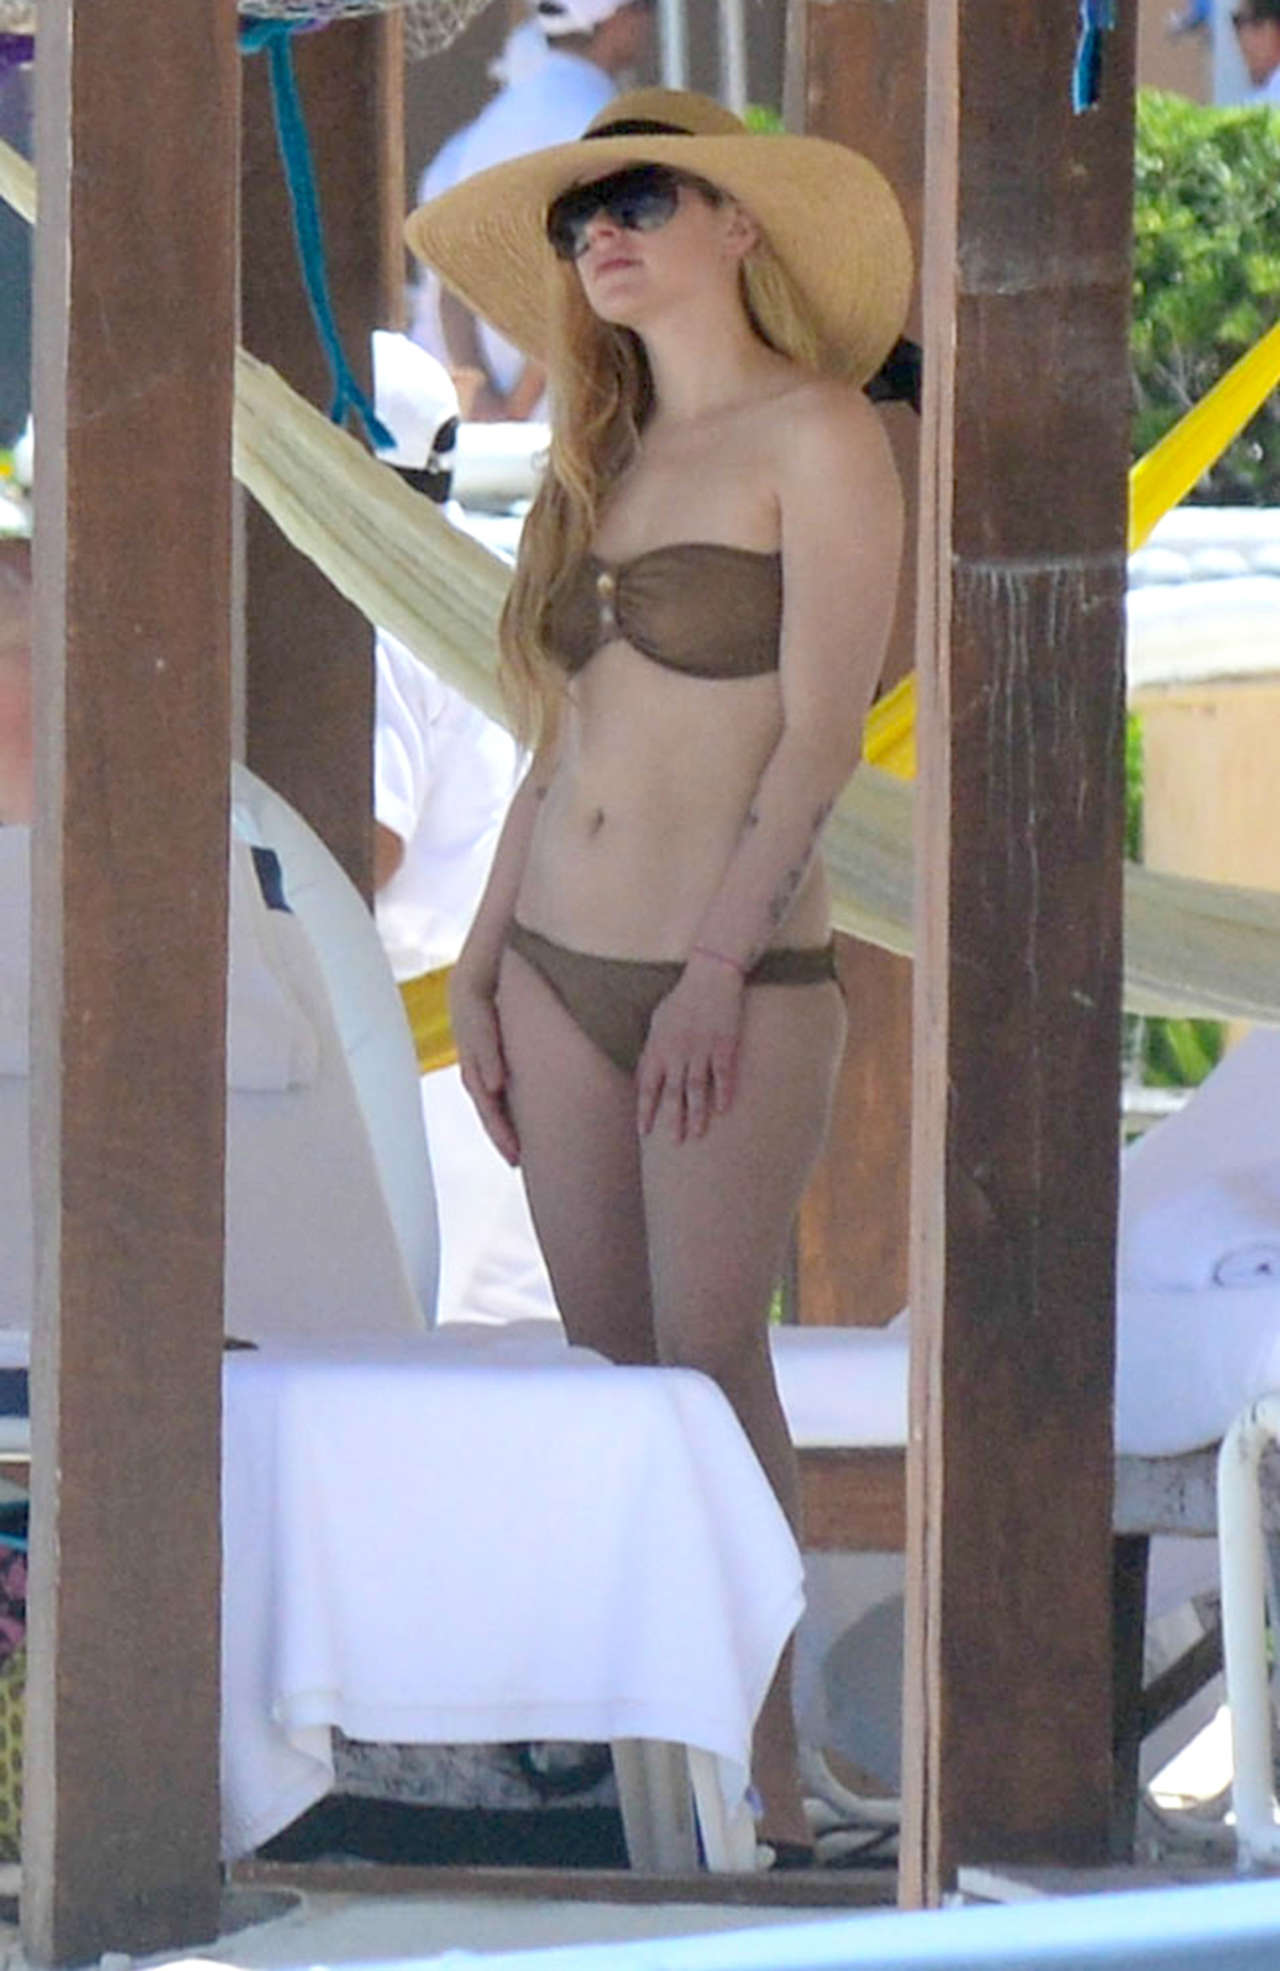 Threesome... nice avril levigne bikini the nastiest